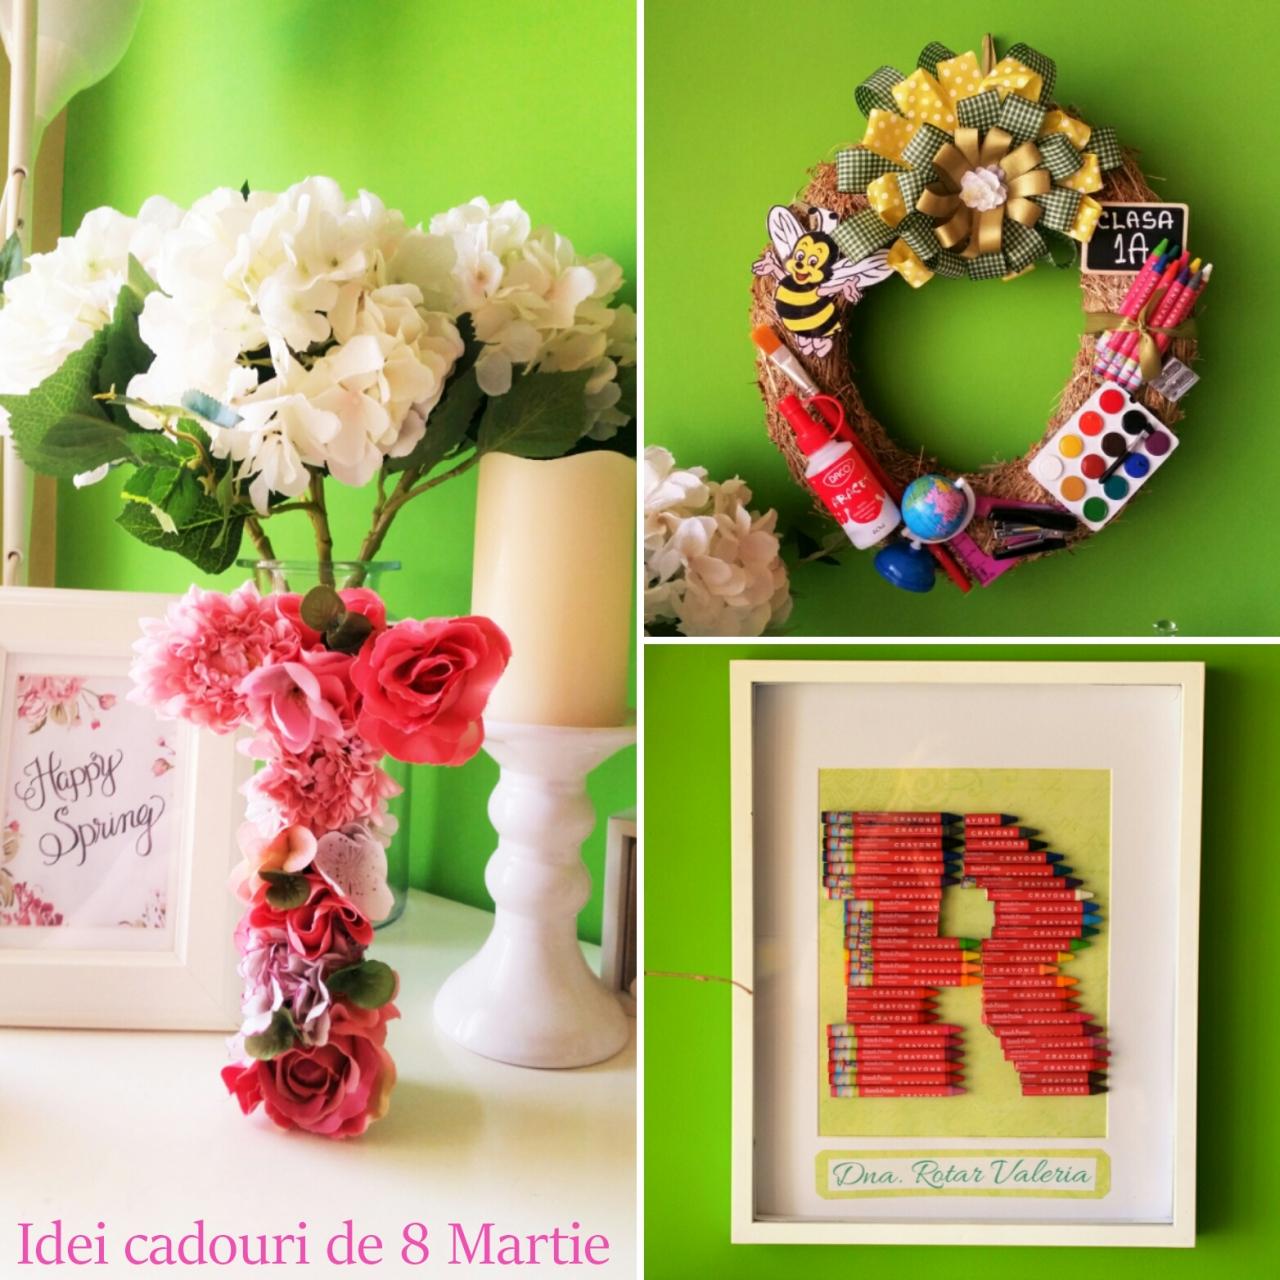 idei cadouri de 8 martie